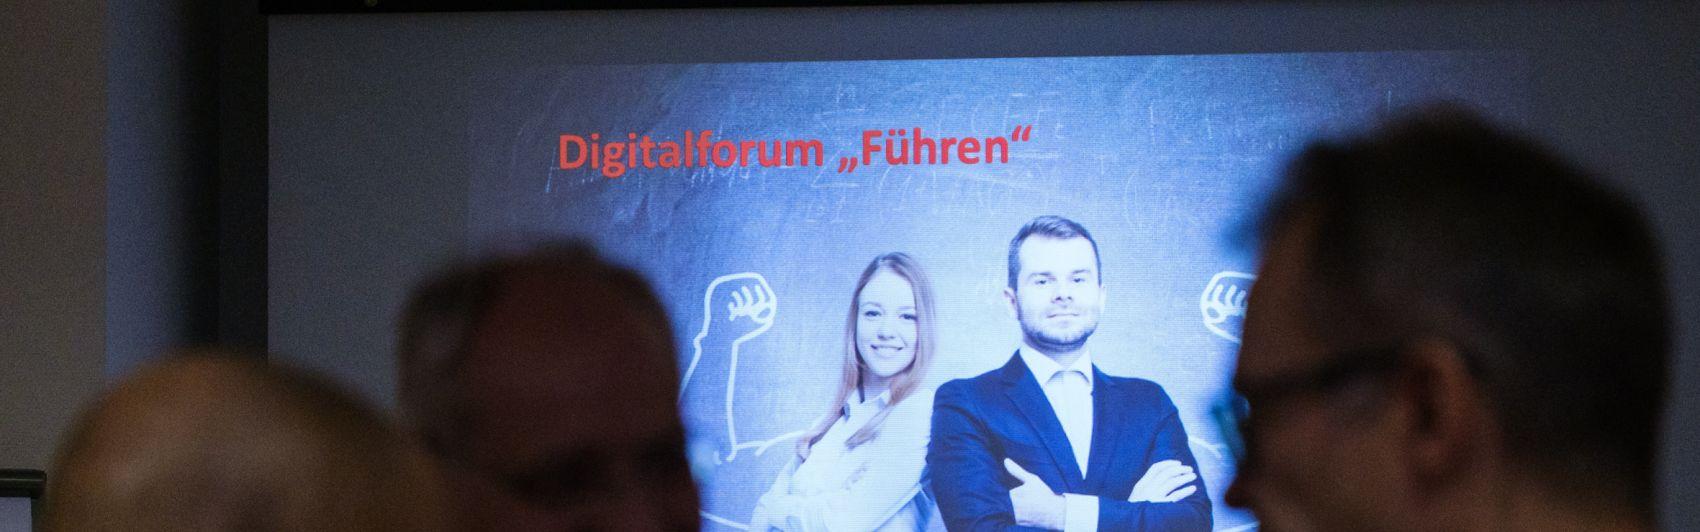 Abschlusspräsentation Führen.digital